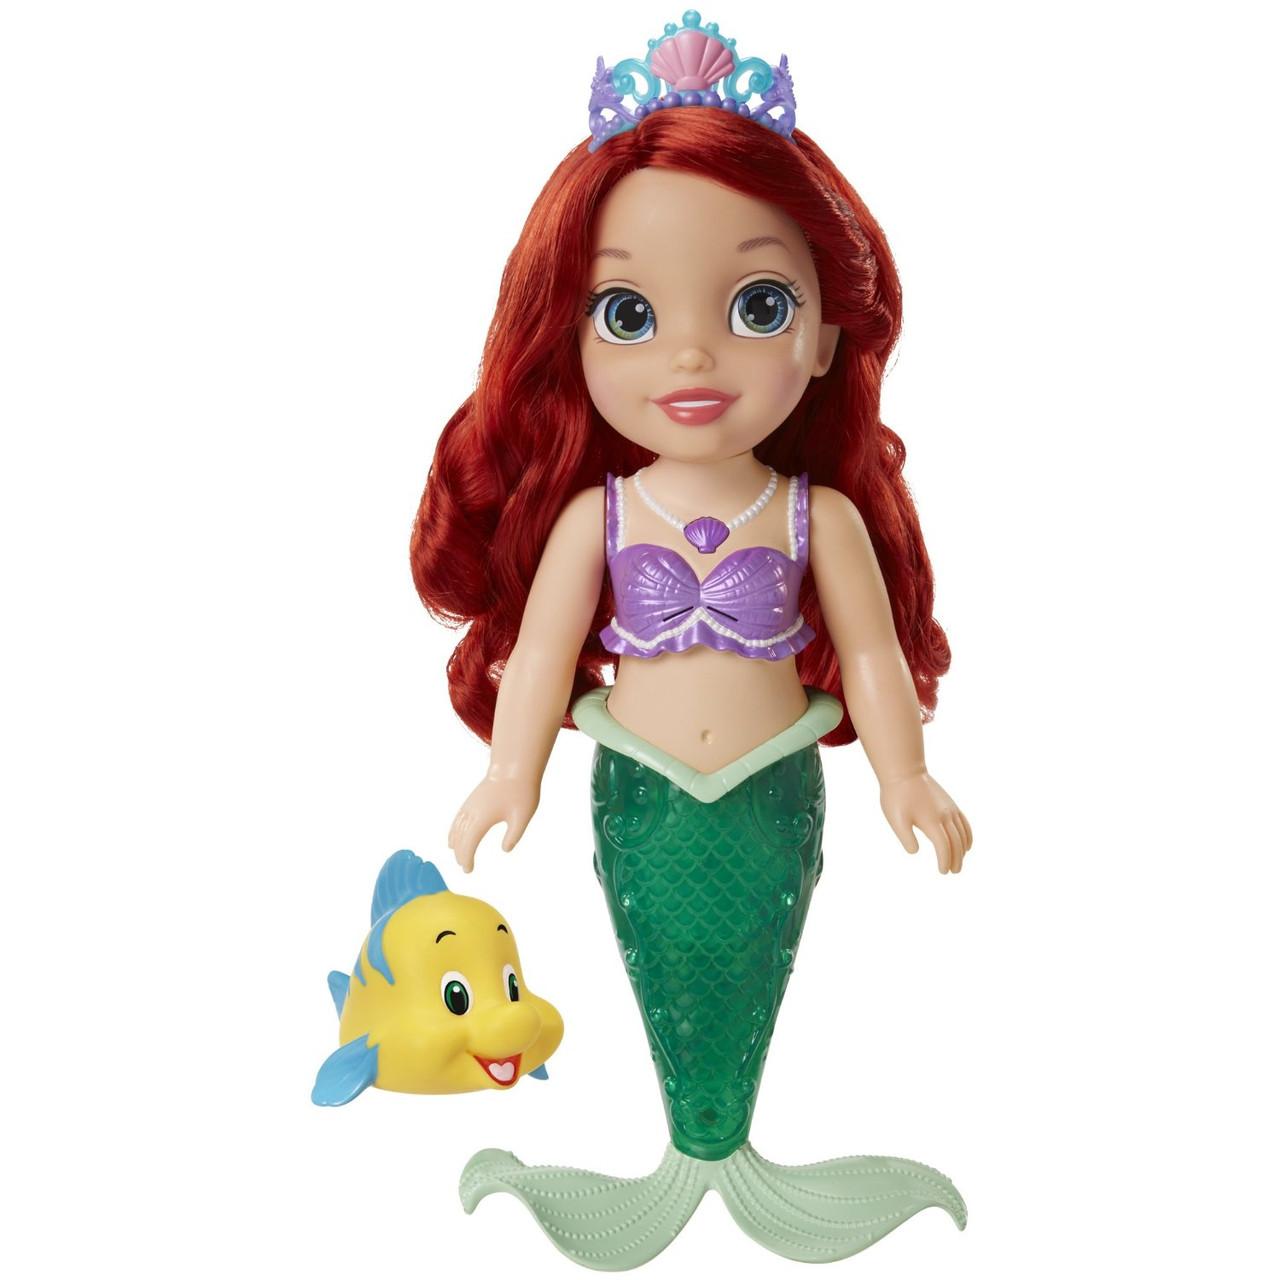 Кукла принцесса Русалочка Ариэль светится и поет Jakks Pacific Disney's Colors Of The Sea Ariel